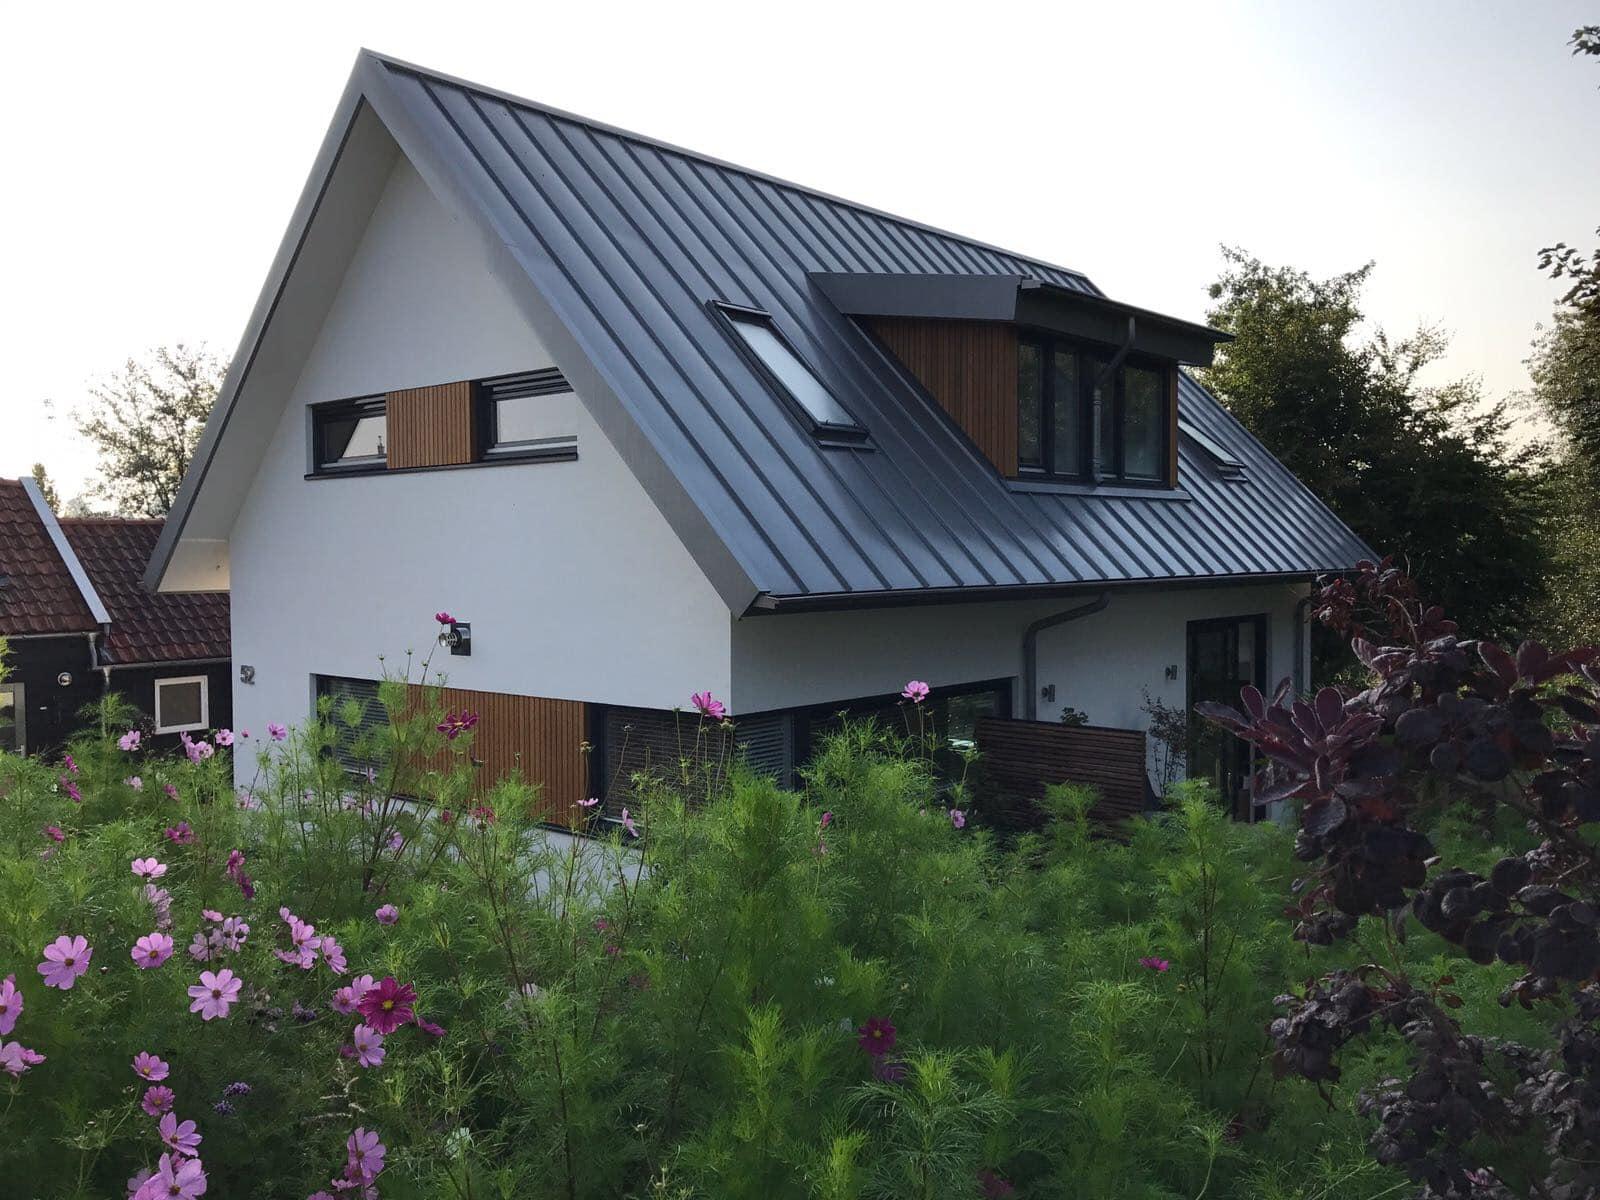 Nieuwbouw woonhuis Rottekade Zevenhuizen. De dakkapel is ook bekleed met hout en heeft een stalen felsdak en contrasteert mooi in het dakvlak. Deze view zie je al fietsend over de dijk.